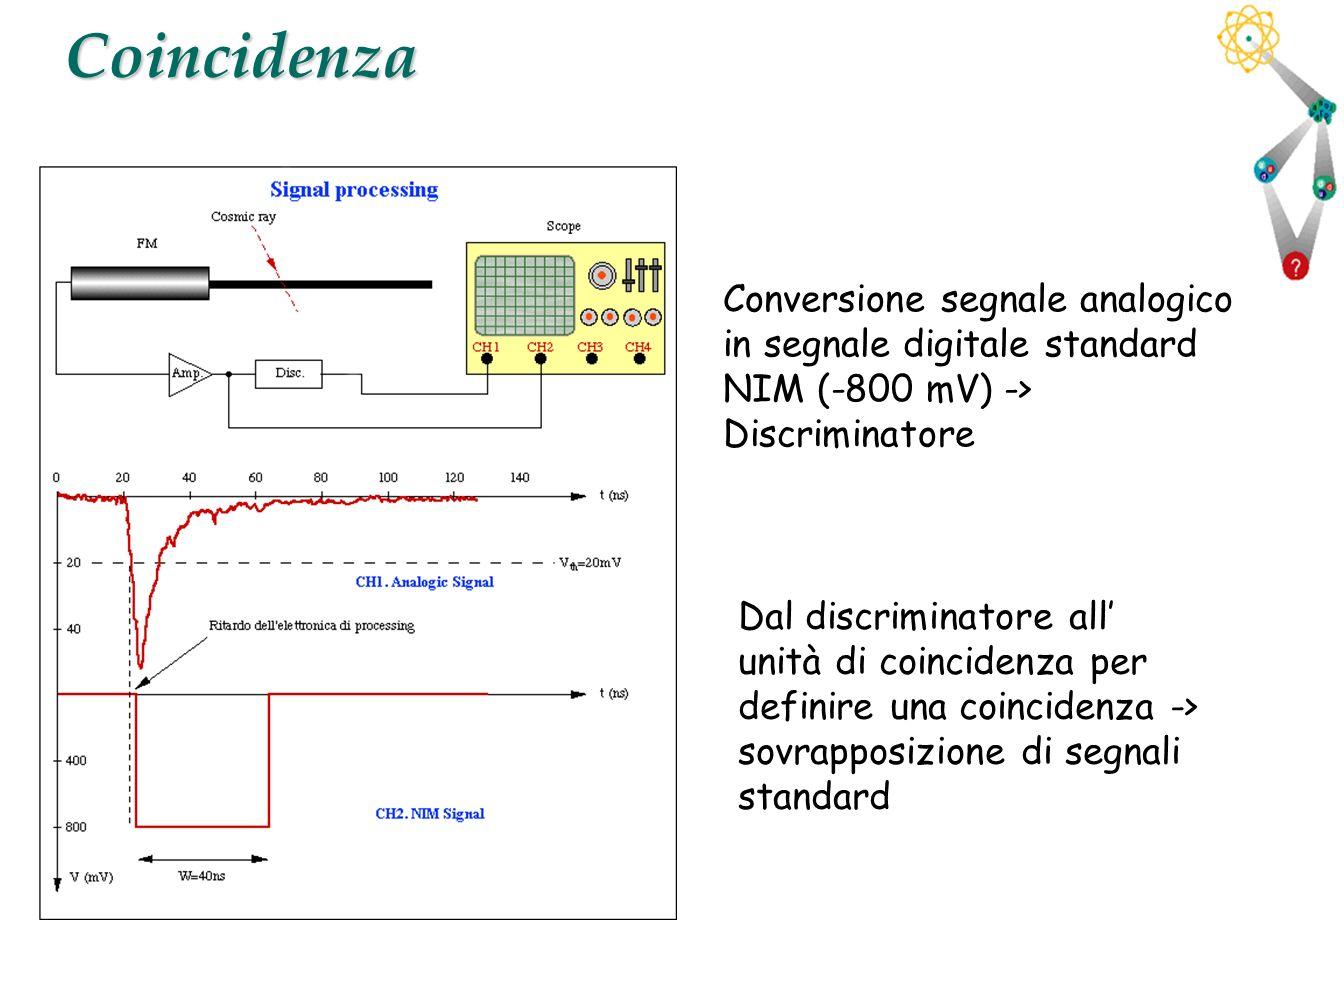 Coincidenza Conversione segnale analogico in segnale digitale standard NIM (-800 mV) -> Discriminatore.